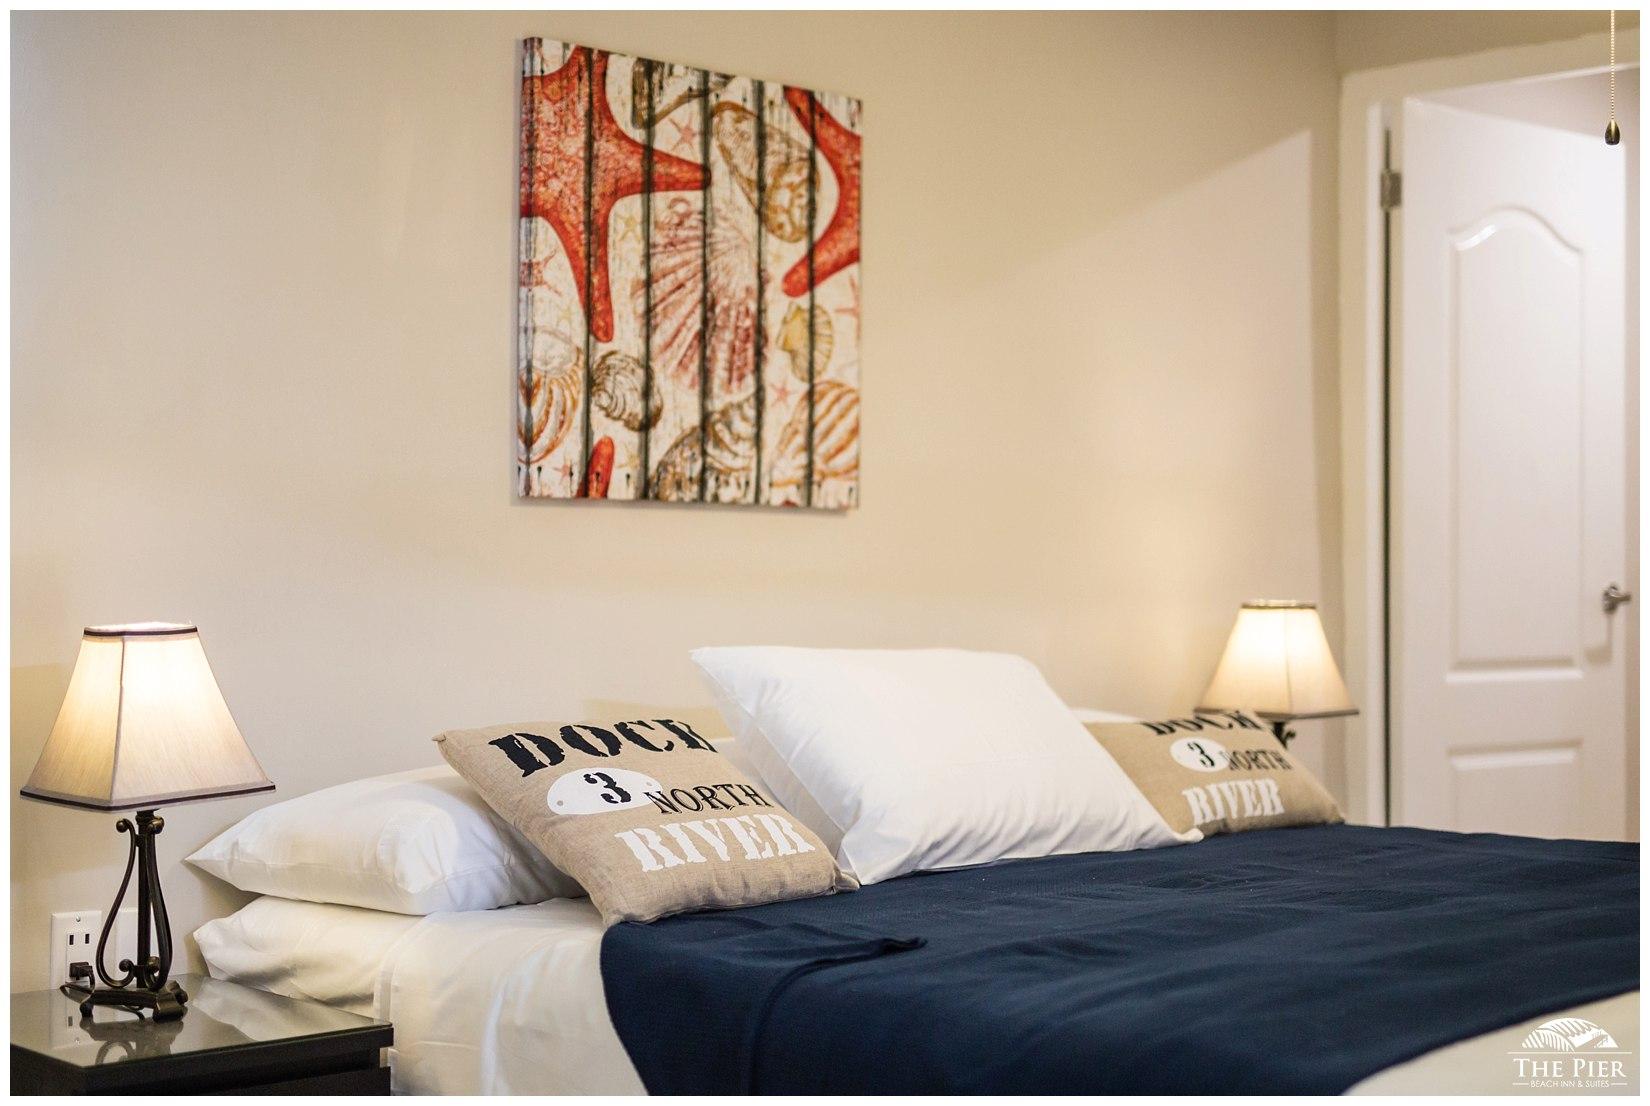 the-pier-beach-inn-suites-2500-slideshow_0048